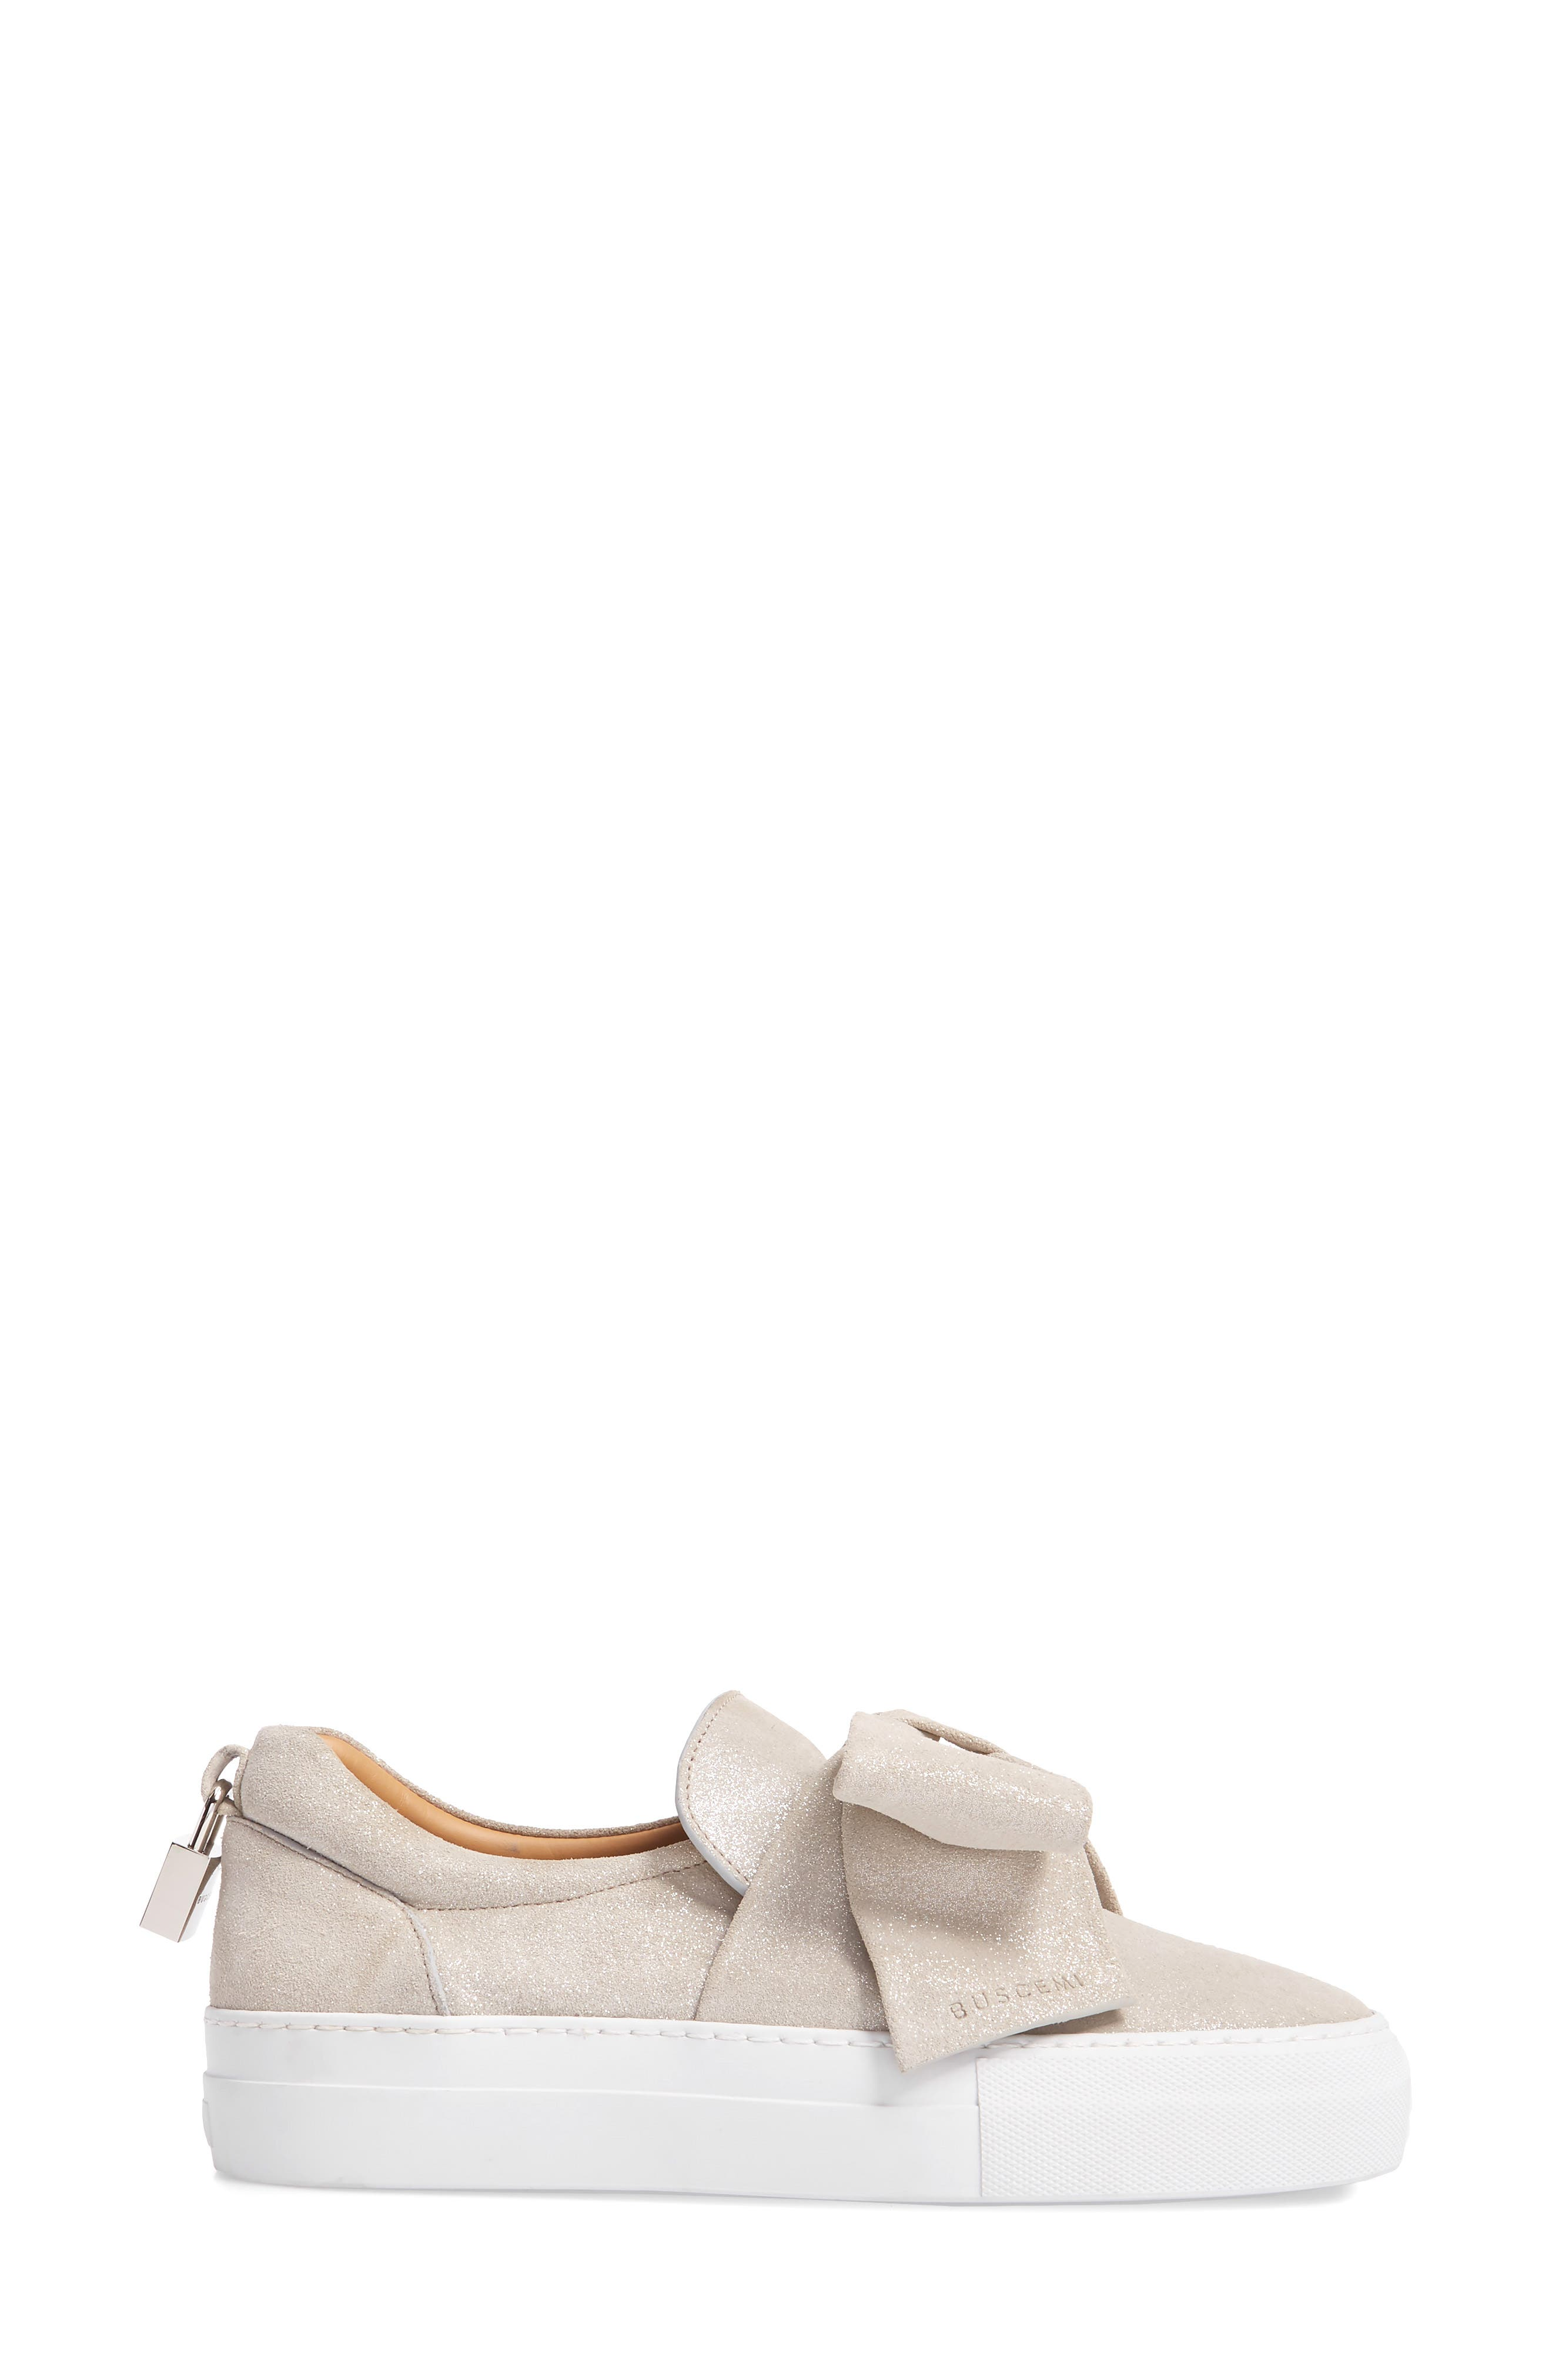 Bow Slip-On Sneaker,                             Alternate thumbnail 3, color,                             Gleam Grey